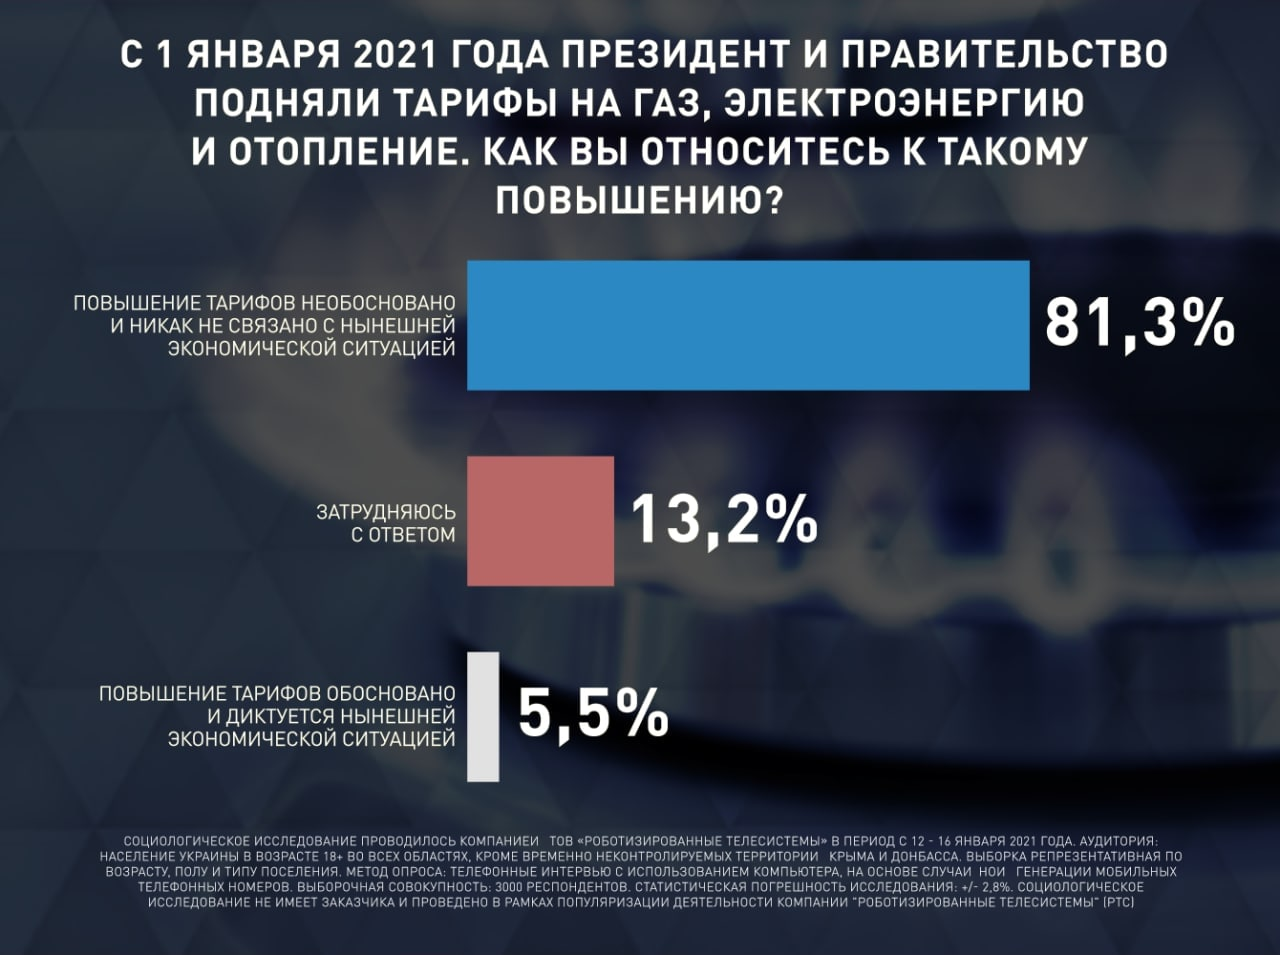 «Оппозиционная платформа — За жизнь» продолжает уверенно лидировать среди всех парламентских партий Украины, – опрос